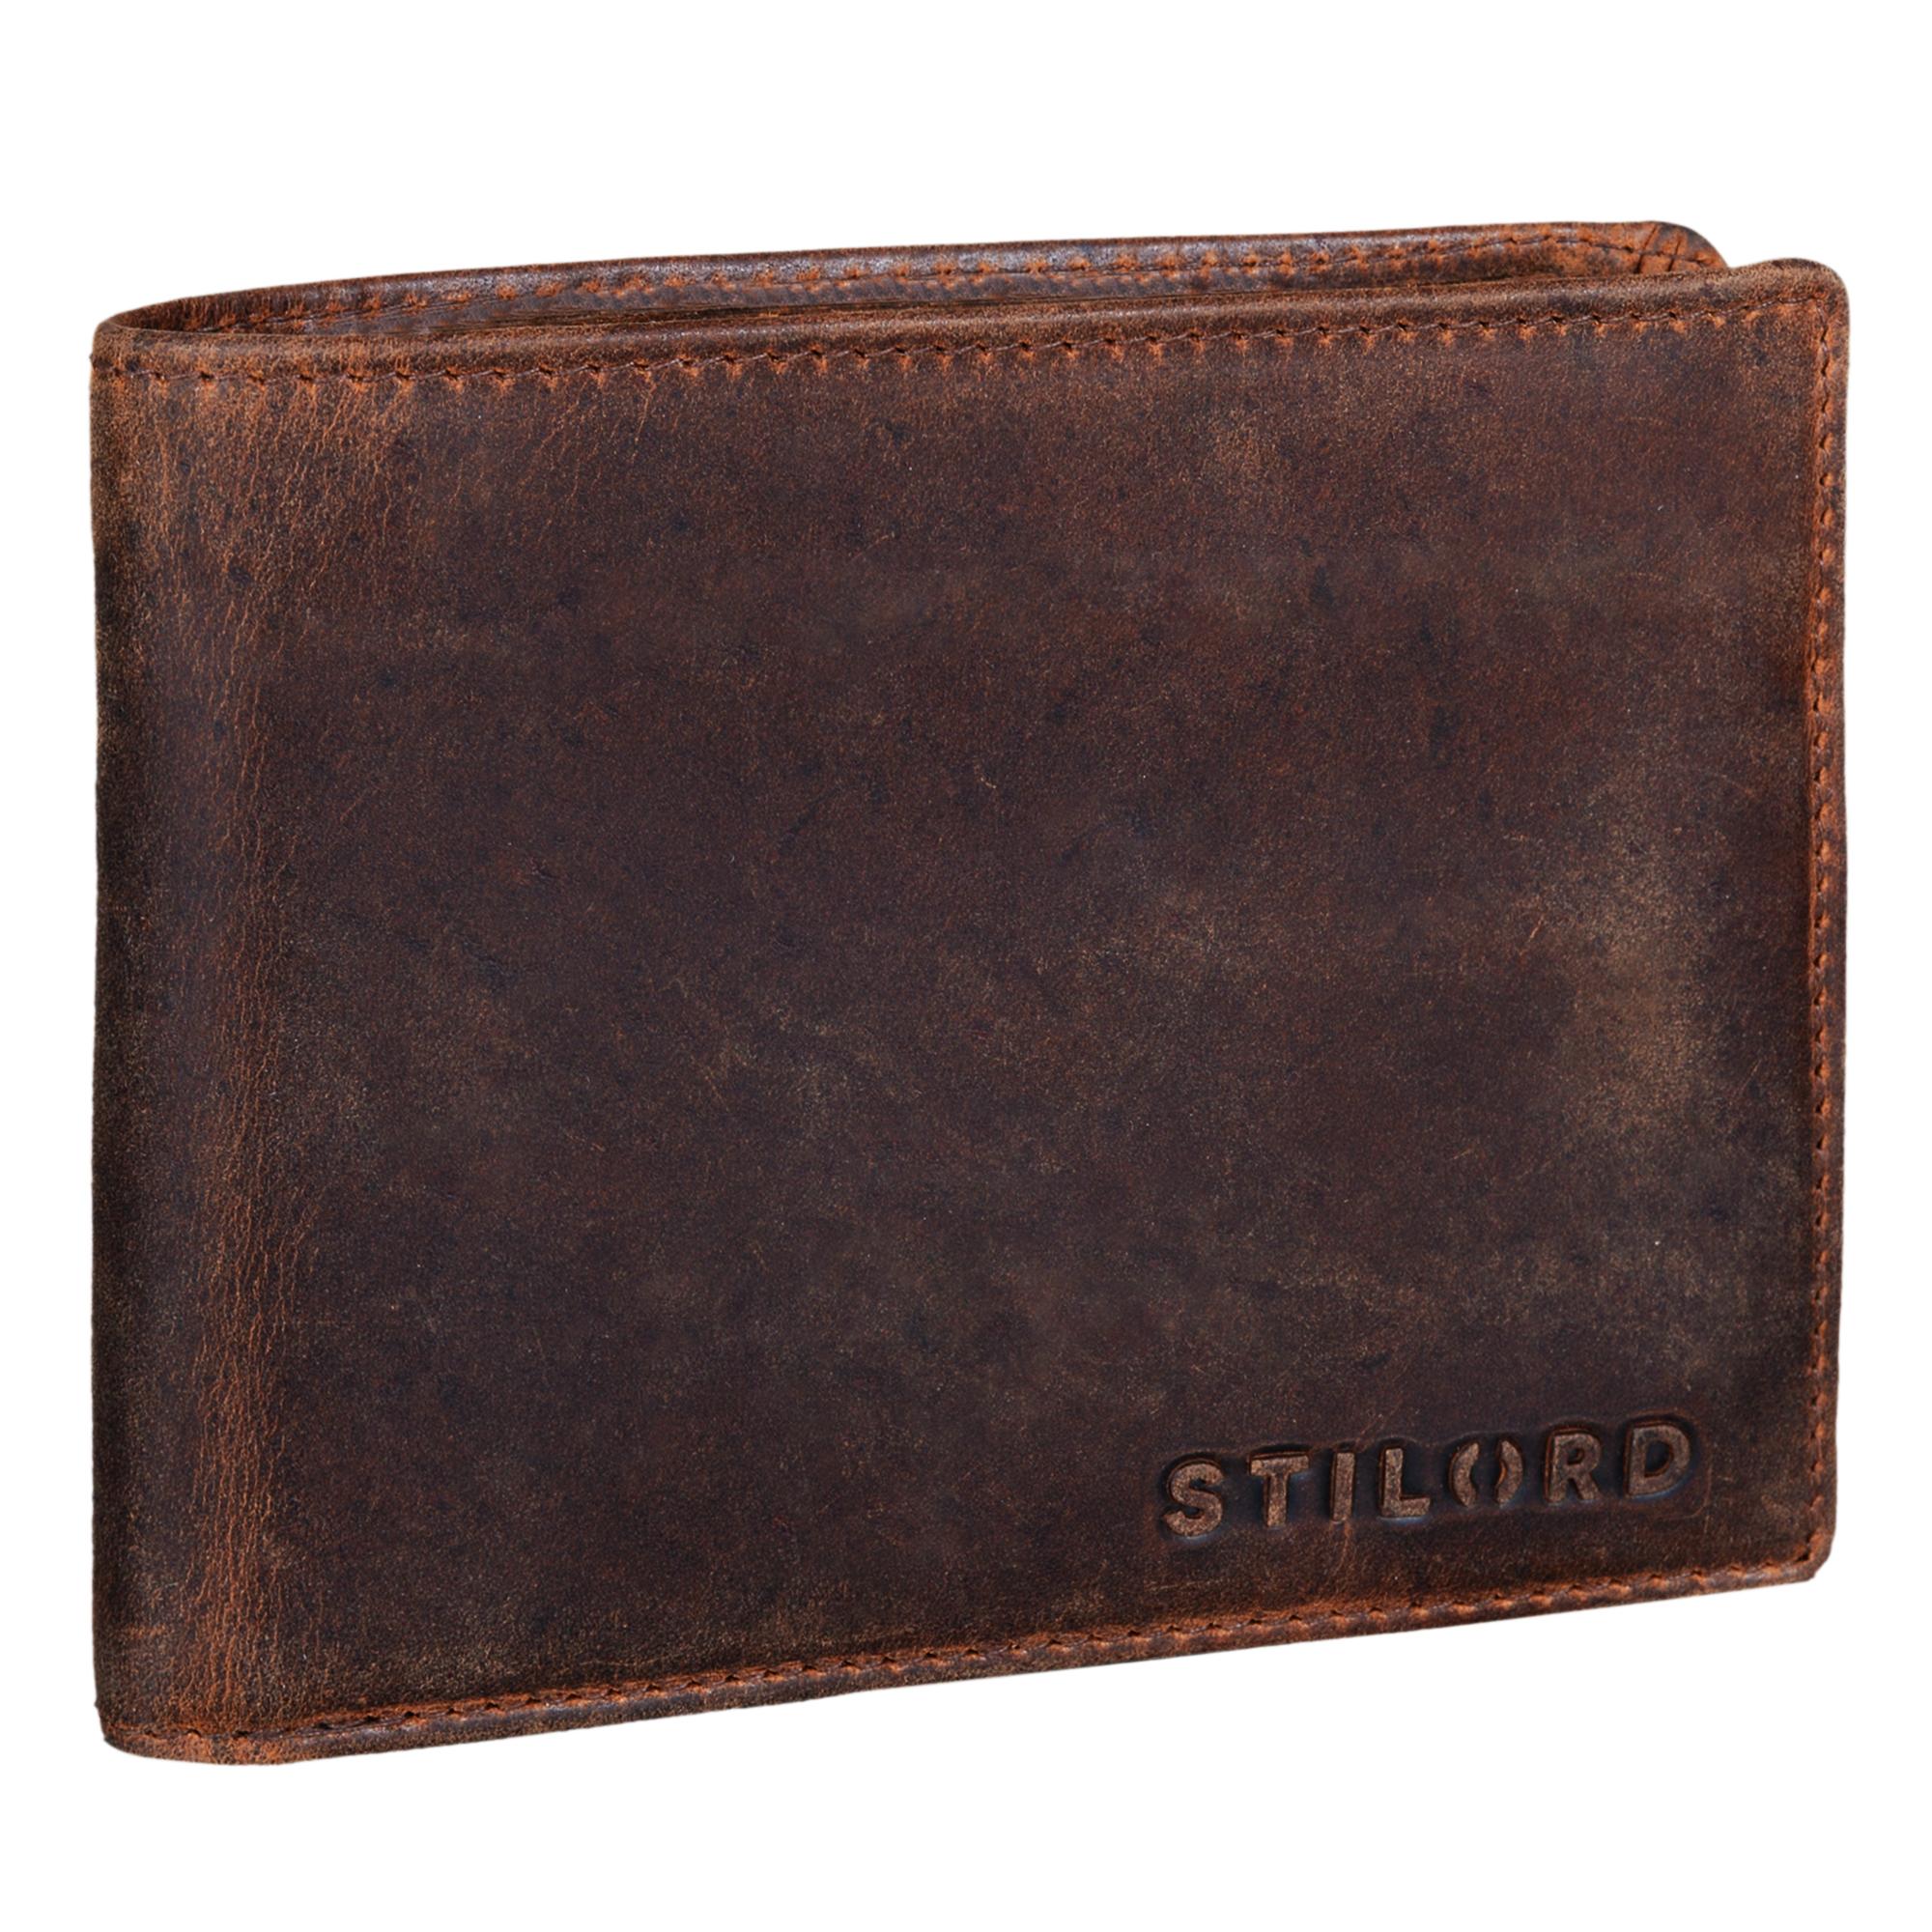 """STILORD """"Ethan"""" Vintage Leder Geldbörse Herren Portemonnaie Geldbeutel mit 7 EC Karten-Fächer Münzfach und Ausweisfach Brieftasche aus echtem Leder - Bild 9"""